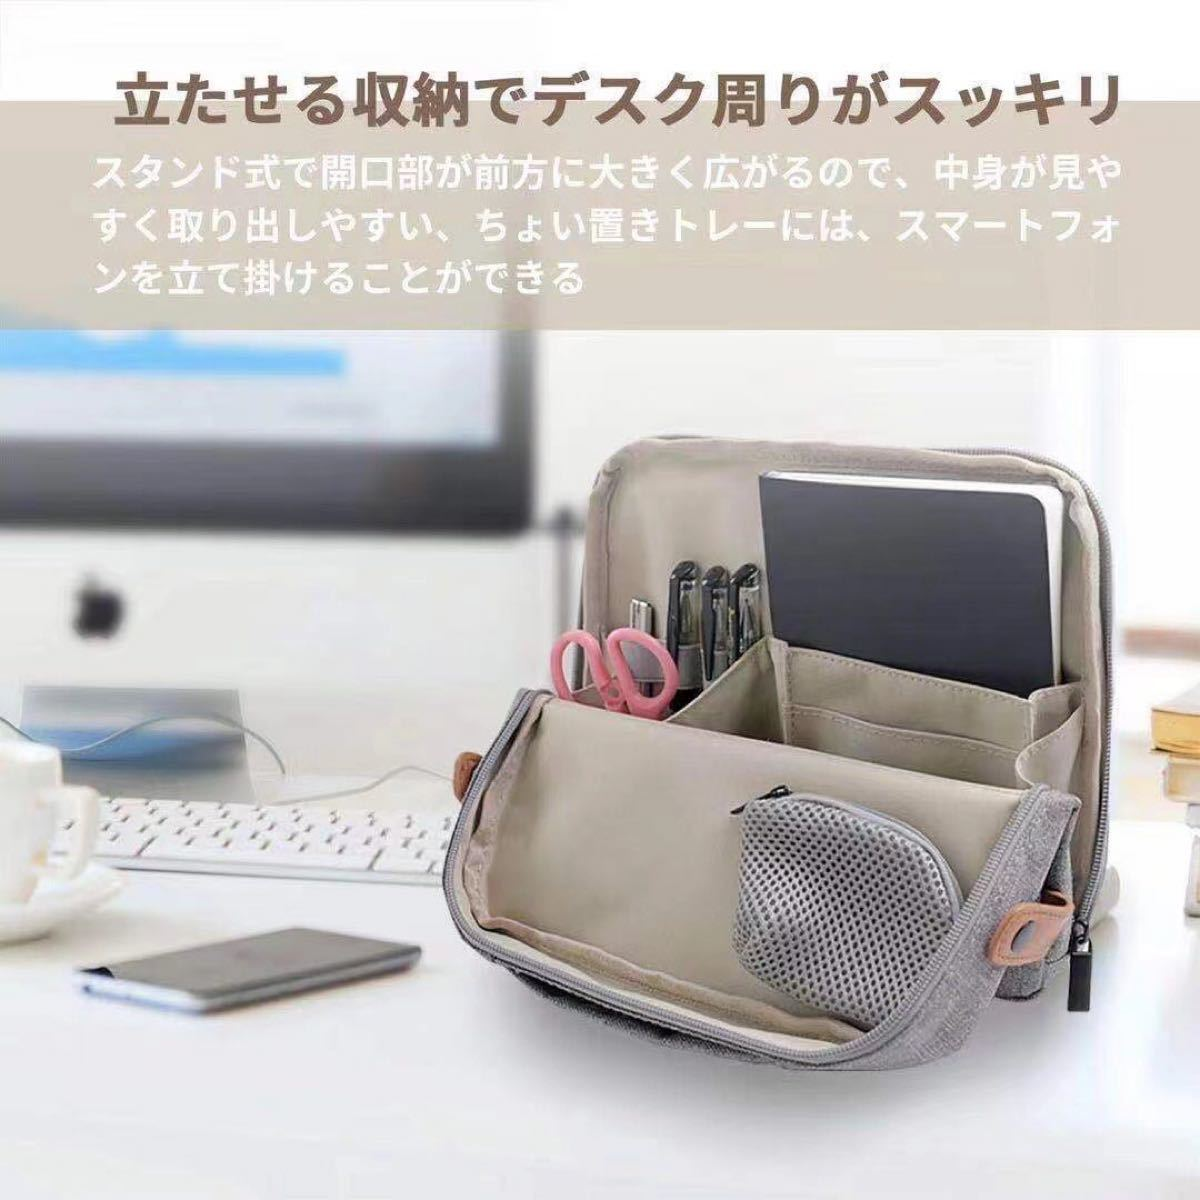 収納バッグ インバッグ 小分け収納 ポーチ 立てる 大容量 多機能 軽量 グレー